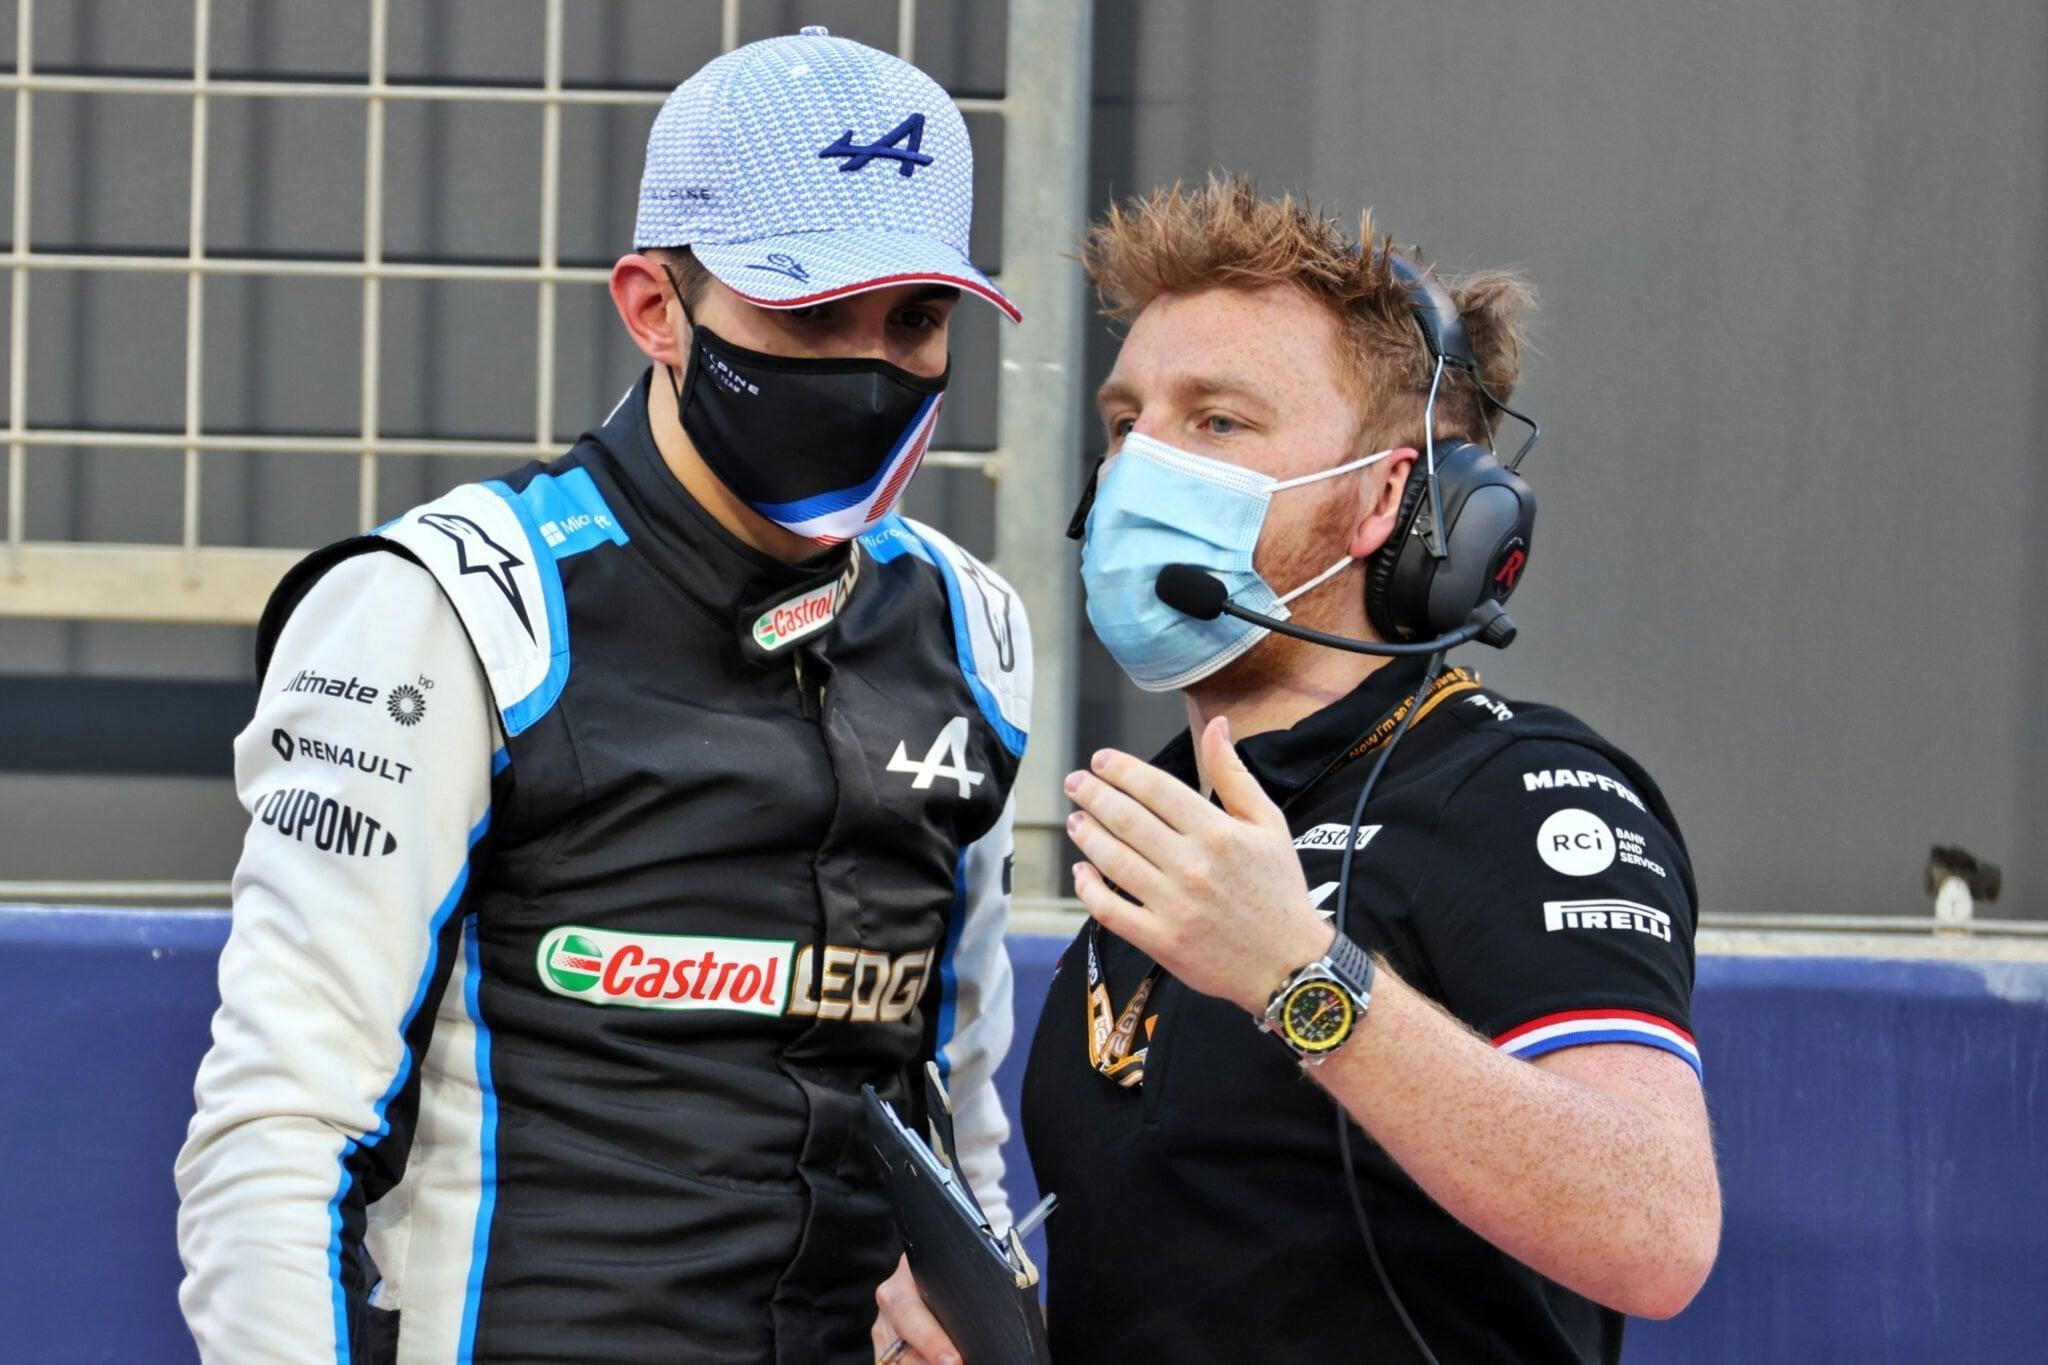 Alpine F1 Team Esteban Ocon A521 Bahrein Sakhir 2021 15   Alpine F1 Team : la 9ème et 16ème position pour Alonso et Ocon aux qualifications à Bahreïn